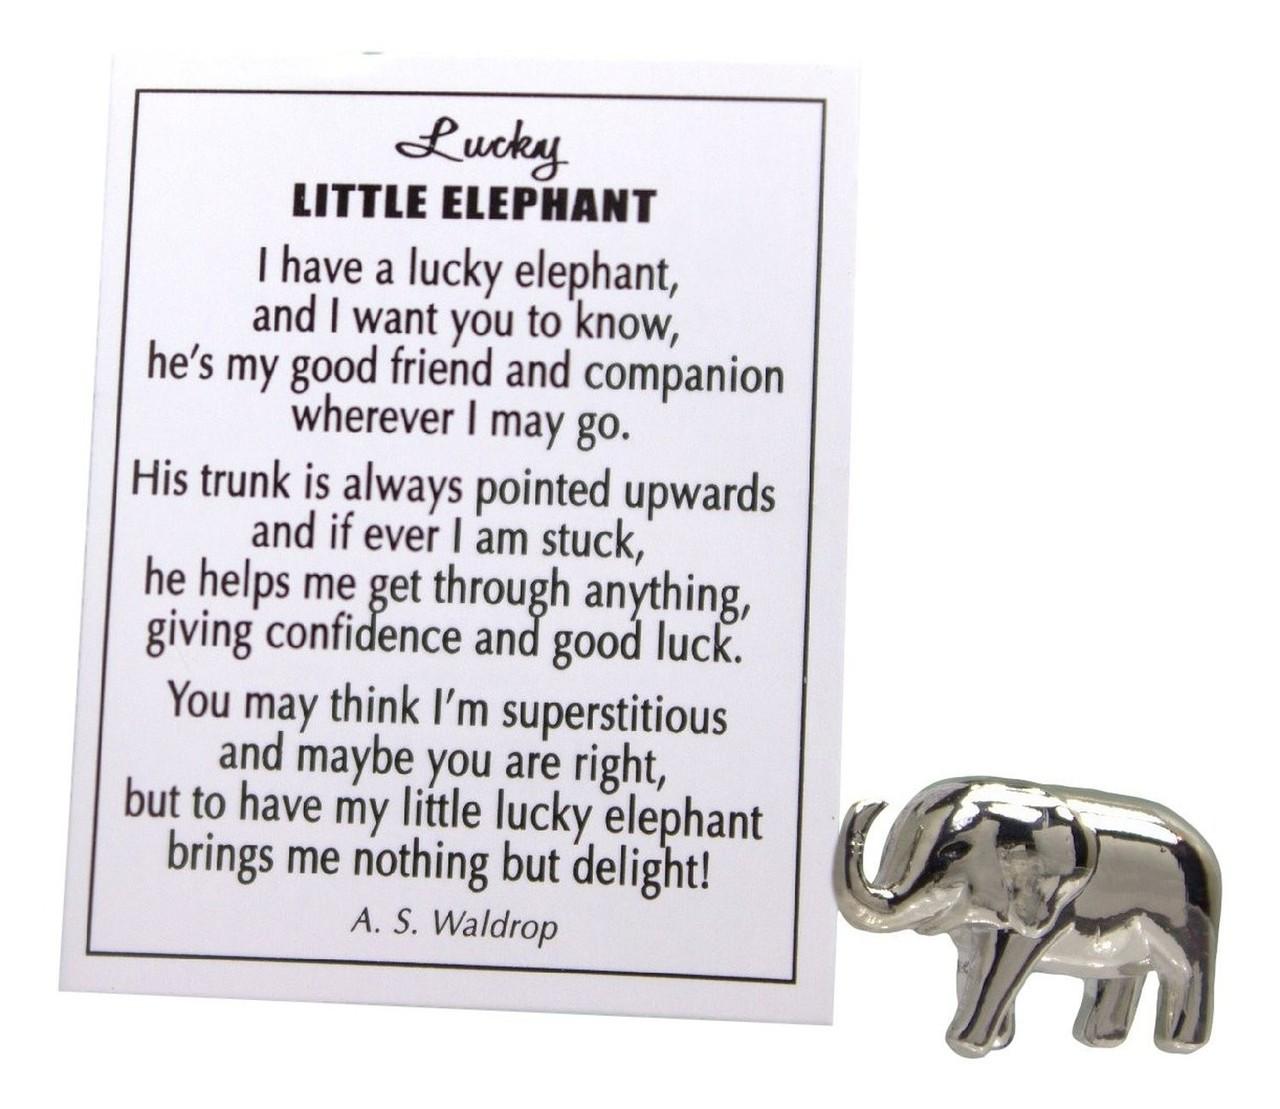 lucky little elephant charm